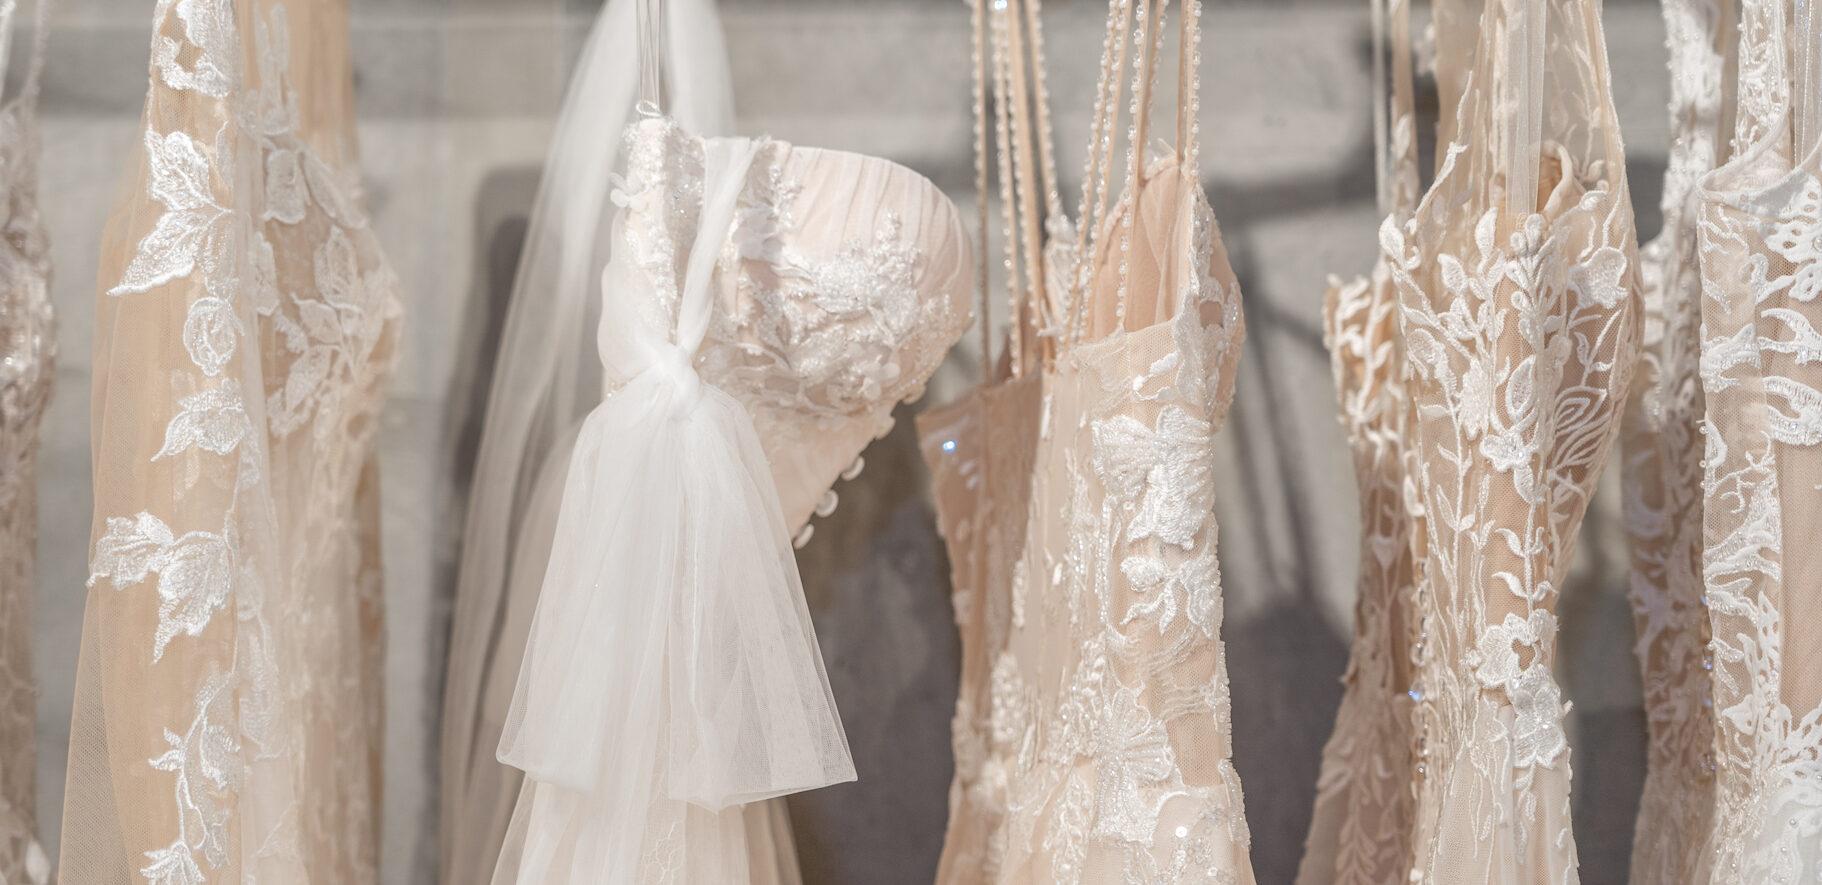 neuste Brautkleider, Brautkleider Sale